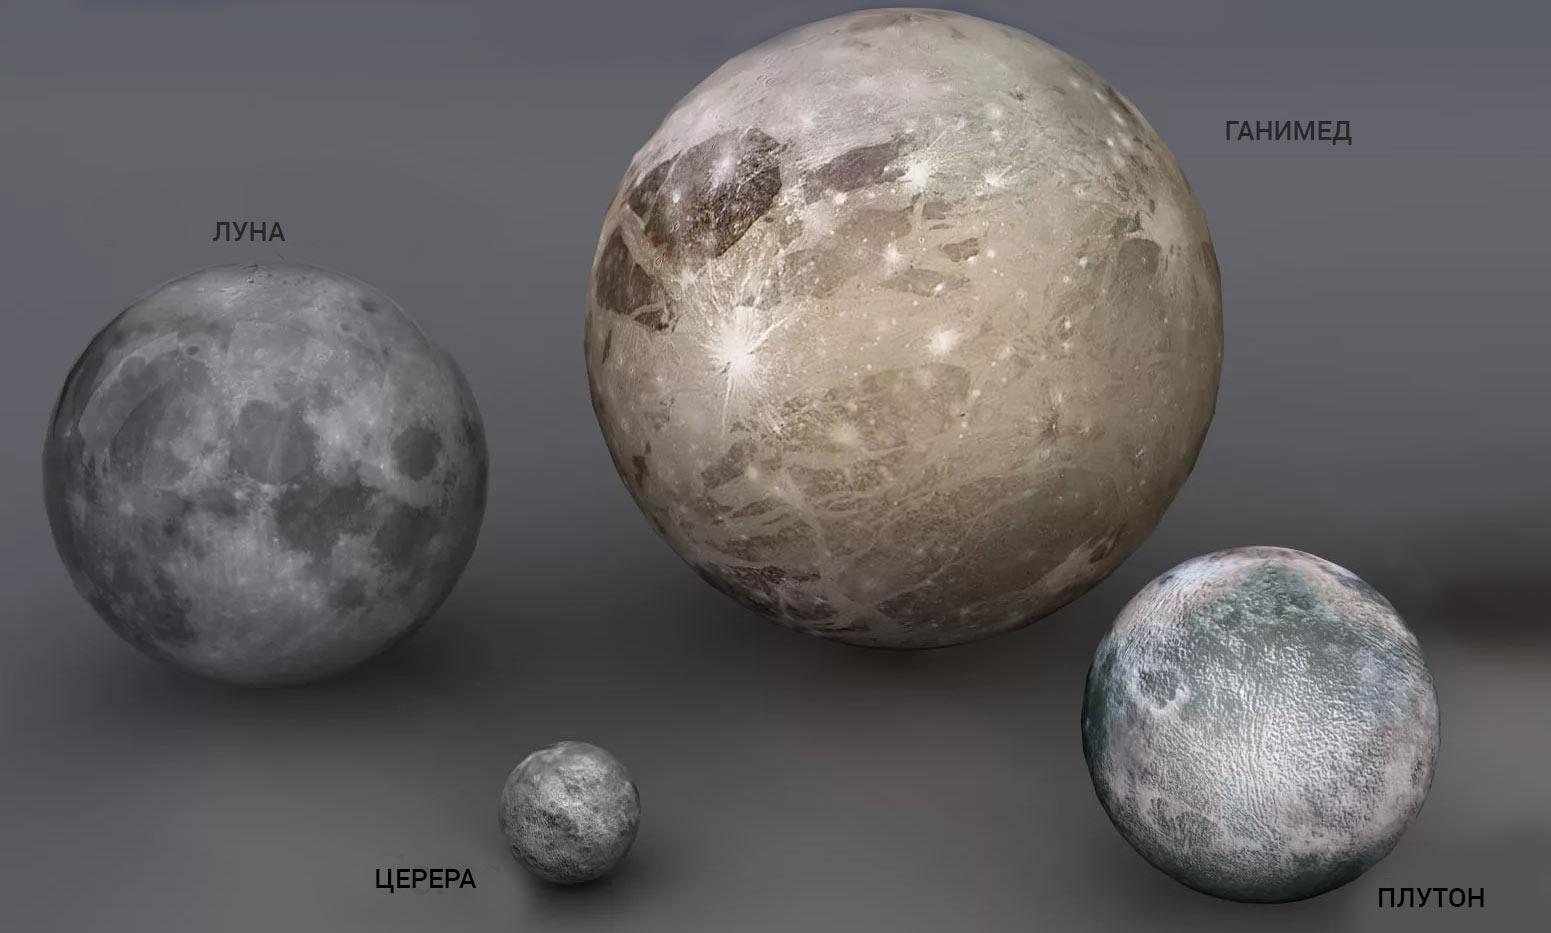 Сравнительный размер спутника Юпитера Ганимеда, Луны, астероида Церера и «бывшей» планеты Плутон